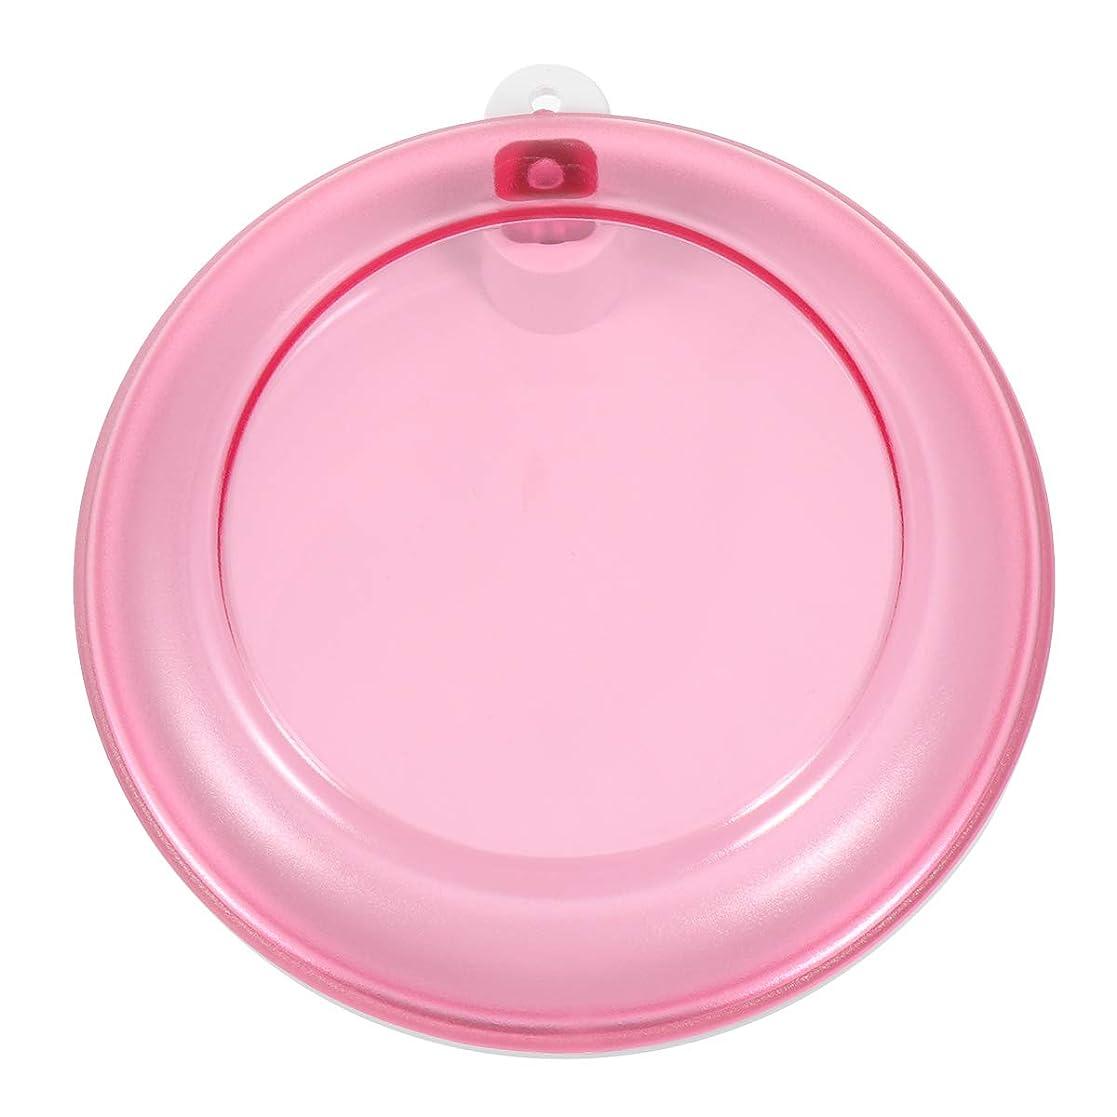 デザイナー壮大なパイプラインHealifty 義歯ボックスポータブル回転歯収納ボックス(ピンク)